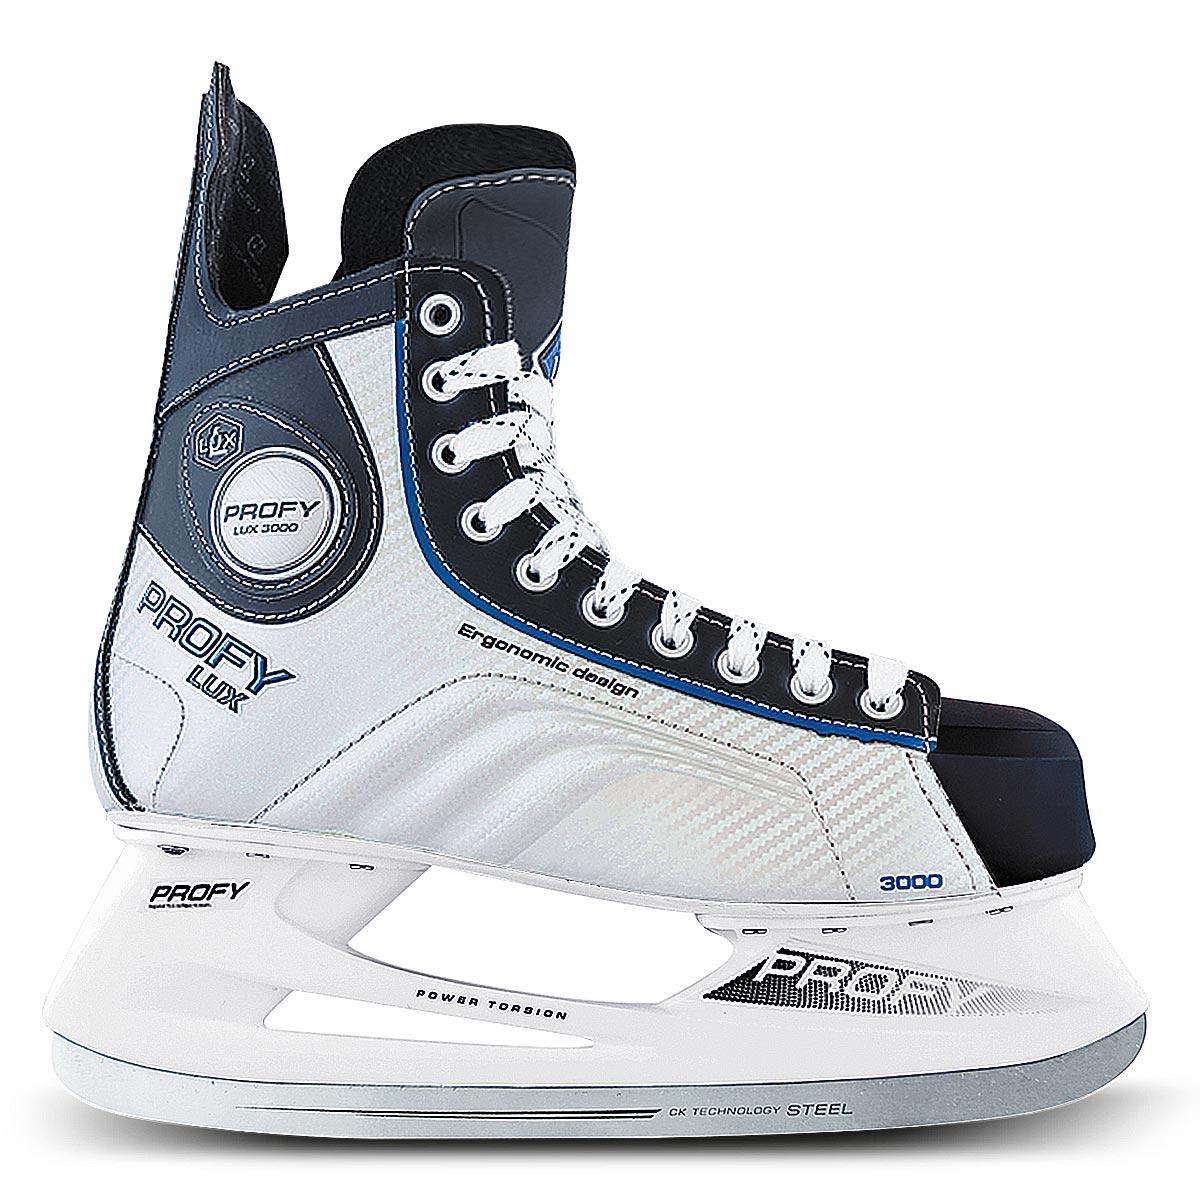 Коньки хоккейные мужские СК Profy Lux 3000, цвет: черный, серебряный, синий. Размер 39PROFY LUX 3000 Blue_39Стильные мужские коньки от CK Profy Lux 3000 Blue прекрасно подойдут для начинающих игроков в хоккей. Ботинок выполнен из морозоустойчивой искусственной кожи и резистентного ПВХ. Мыс дополнен вставкой, которая защитит ноги от ударов. Внутренний слой и стелька изготовлены из мягкого трикотажа, который обеспечит тепло и комфорт во время катания, язычок - из войлока. Плотная шнуровка надежно фиксирует модель на ноге. Голеностоп имеет удобный суппорт. По бокам, на язычке и заднике коньки декорированы принтом и тиснением в виде логотипа бренда. Подошва - из твердого пластика. Стойка выполнена из ударопрочного поливинилхлорида. Лезвие из углеродистой нержавеющей стали обеспечит превосходное скольжение.